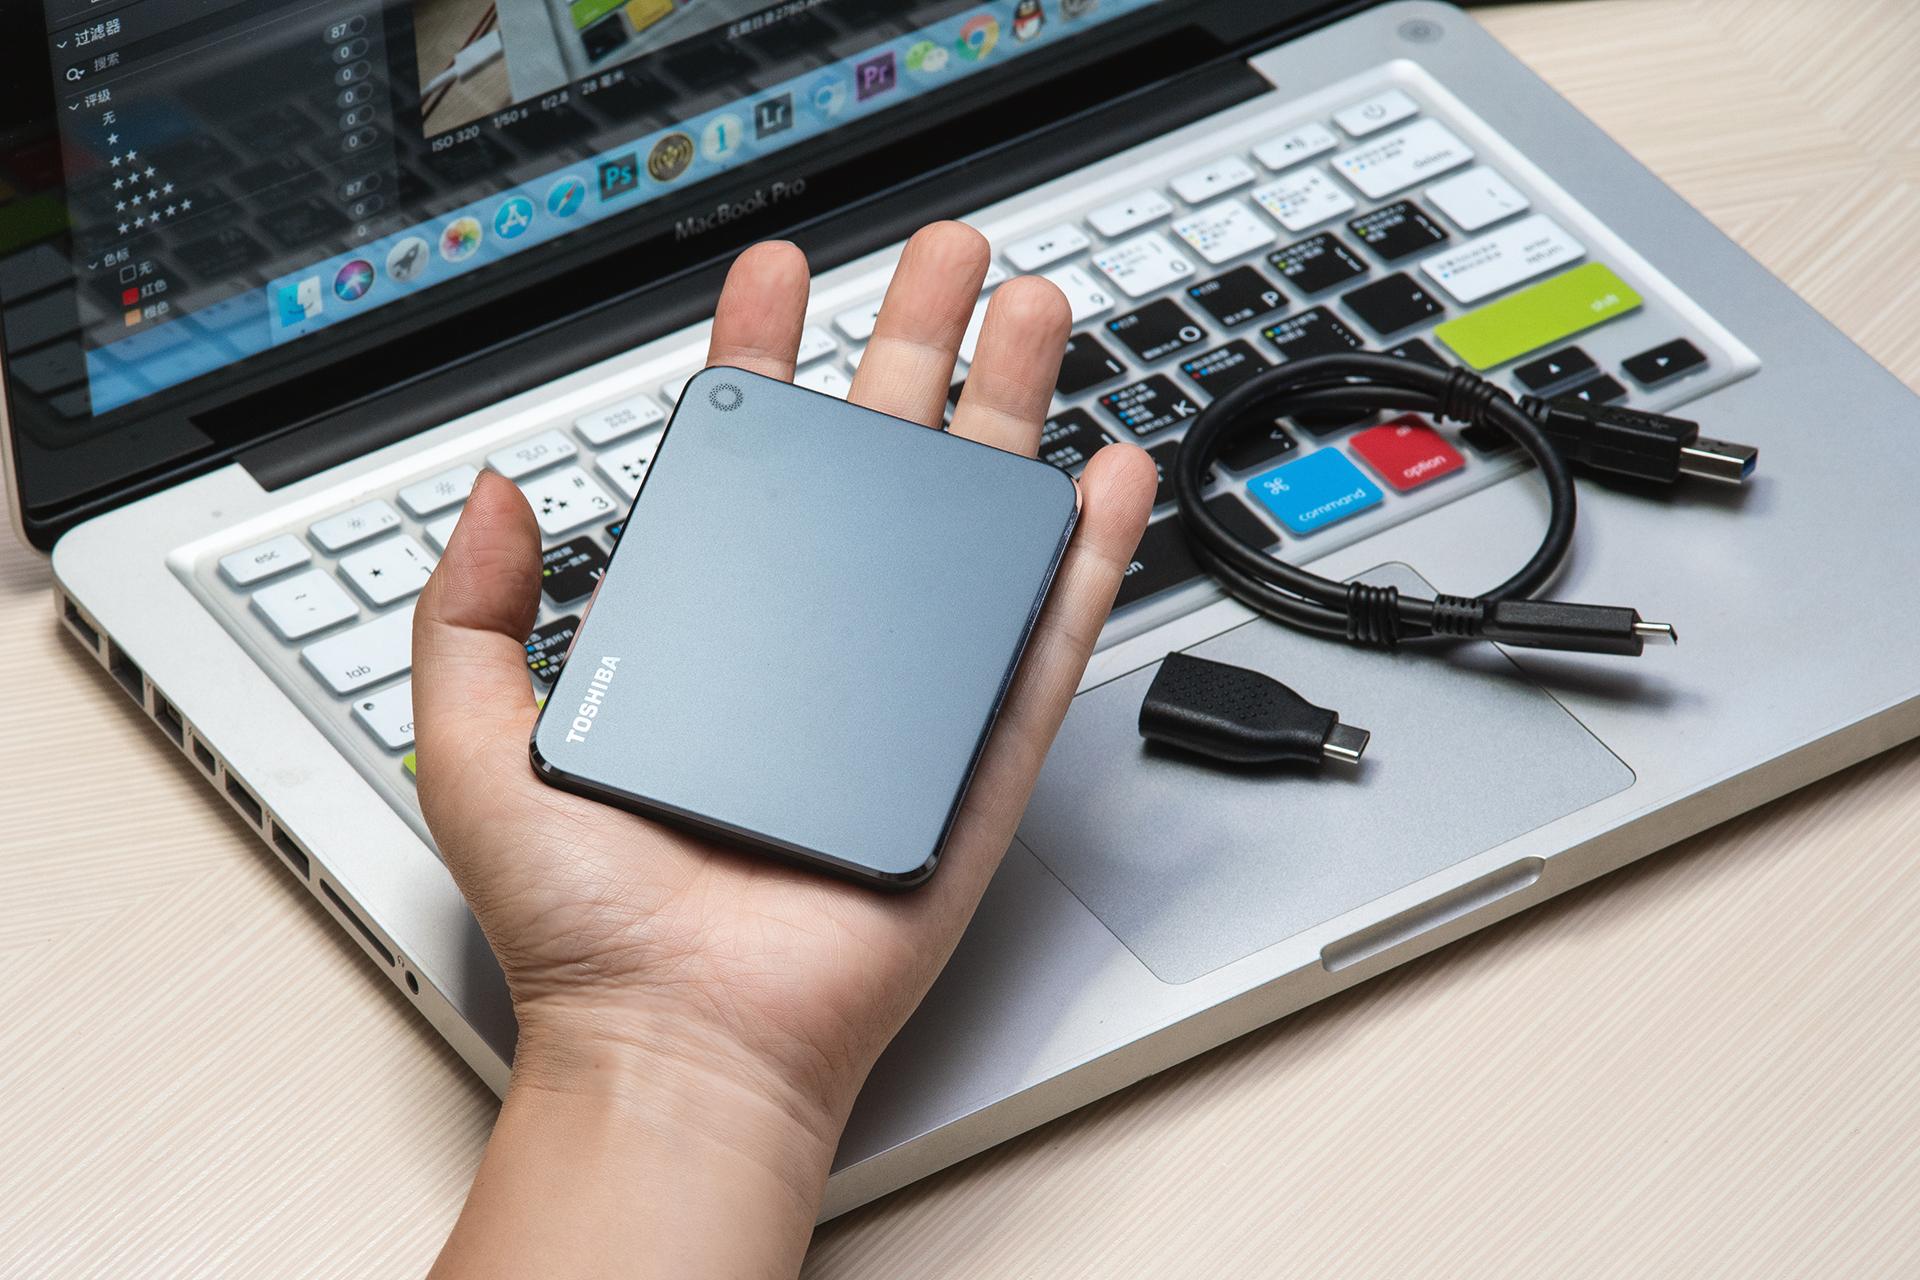 高效率便携的办公助手!东芝移动固态硬盘